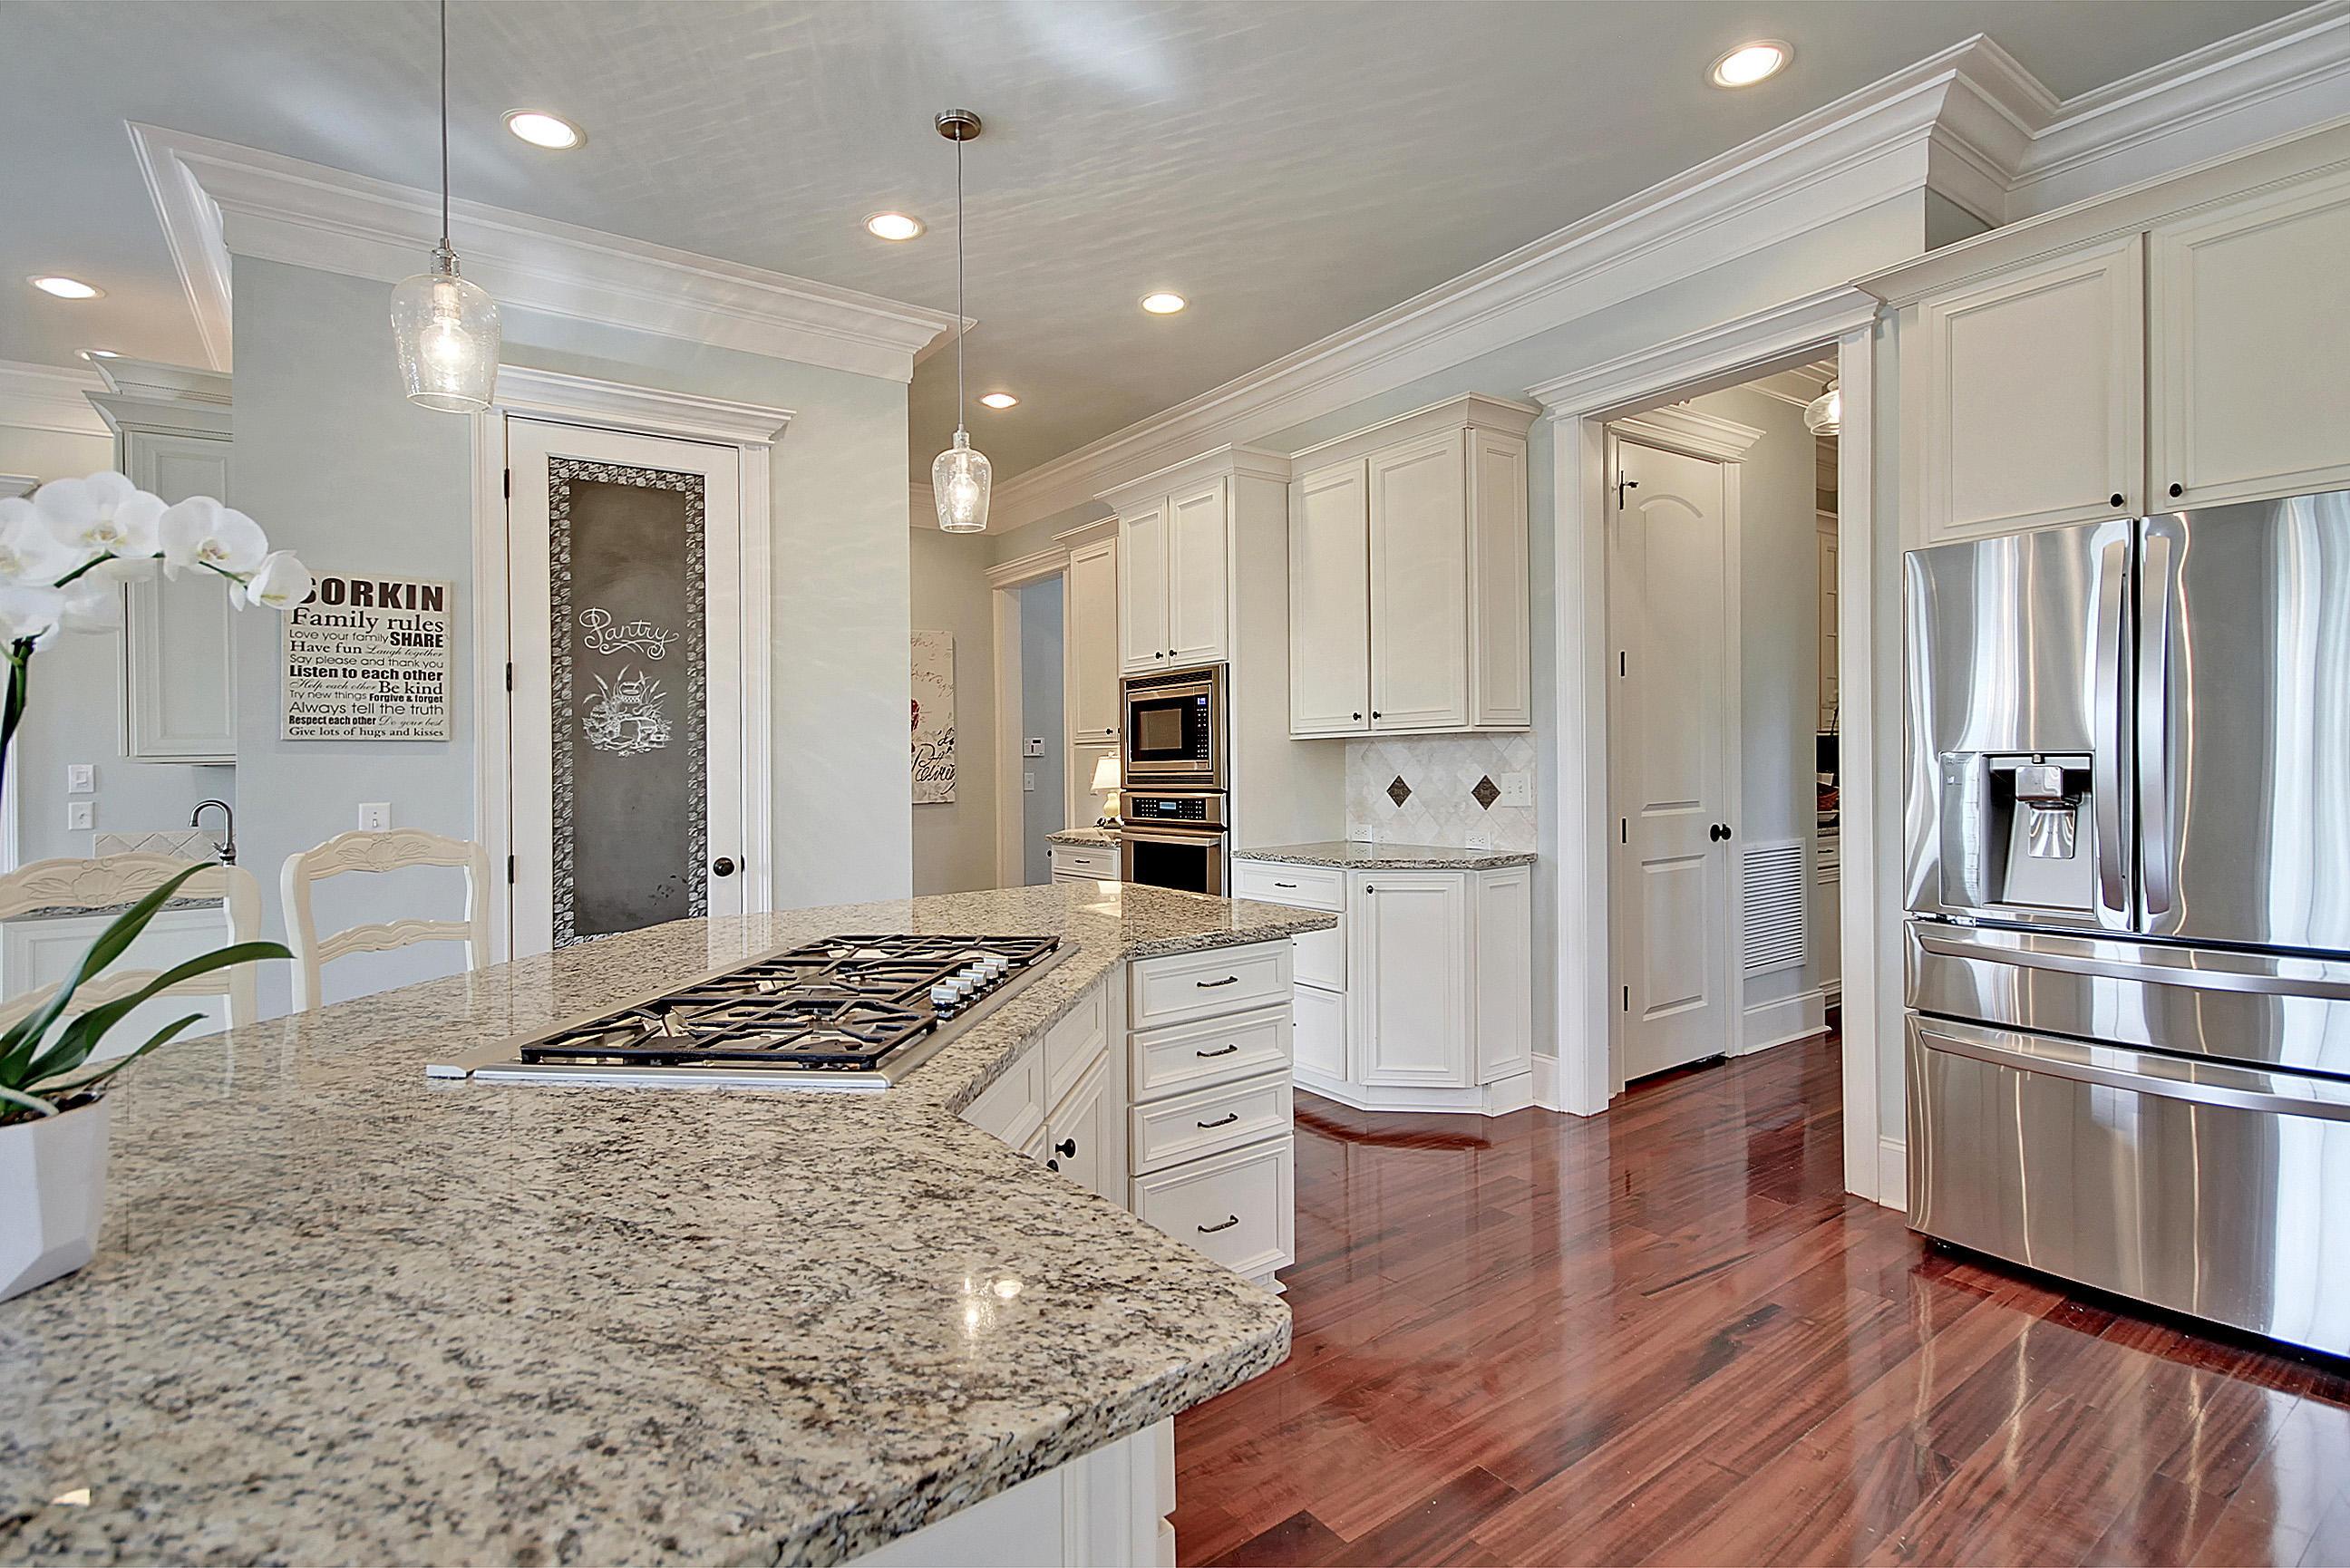 Park West Homes For Sale - 3940 Ashton Shore, Mount Pleasant, SC - 53